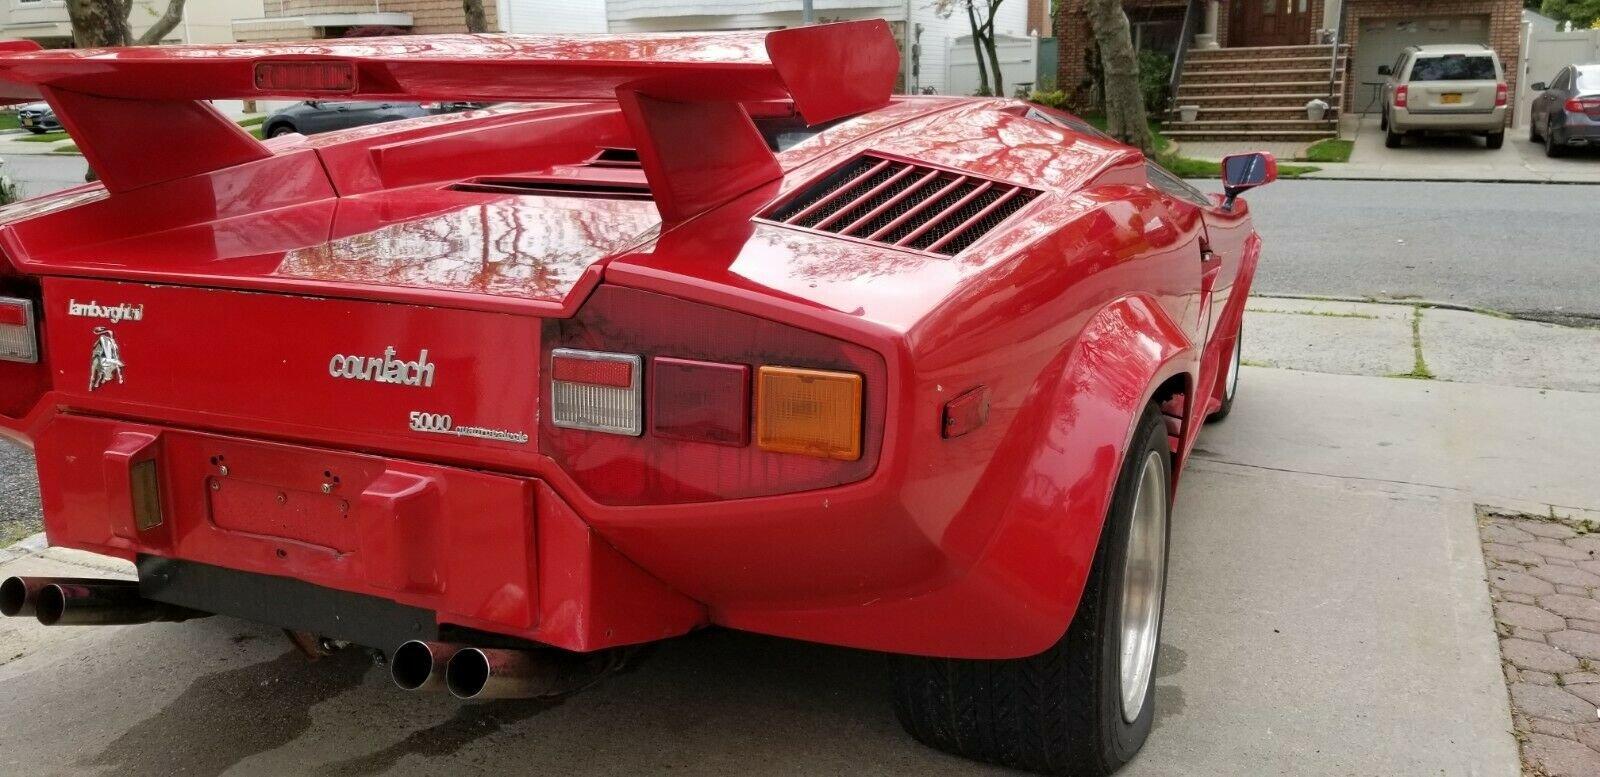 1988 Lamborghini Countach Replica by KMC Easton For Sale (picture 2 of 5)